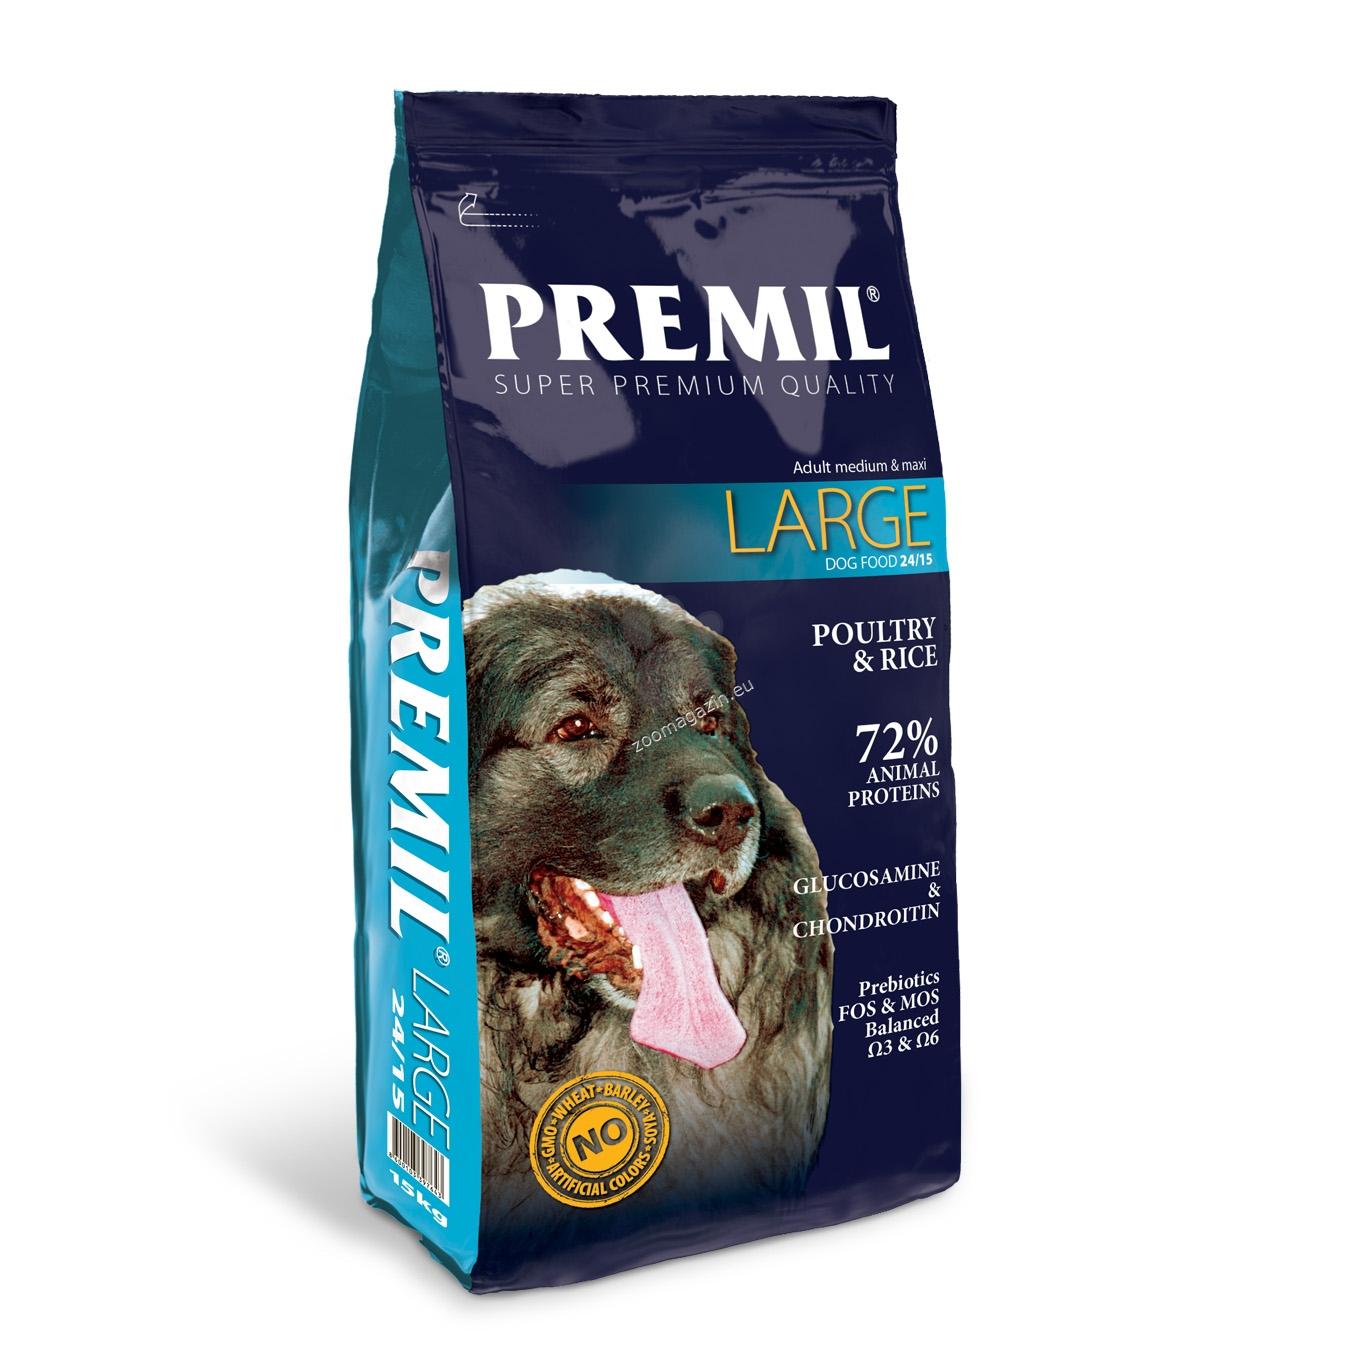 Premil - Adult Large 24/15 - пълноценна храна с пилешко и патешко месо, за кучета големи и гигантски породи над 18 месеца 15 кг.